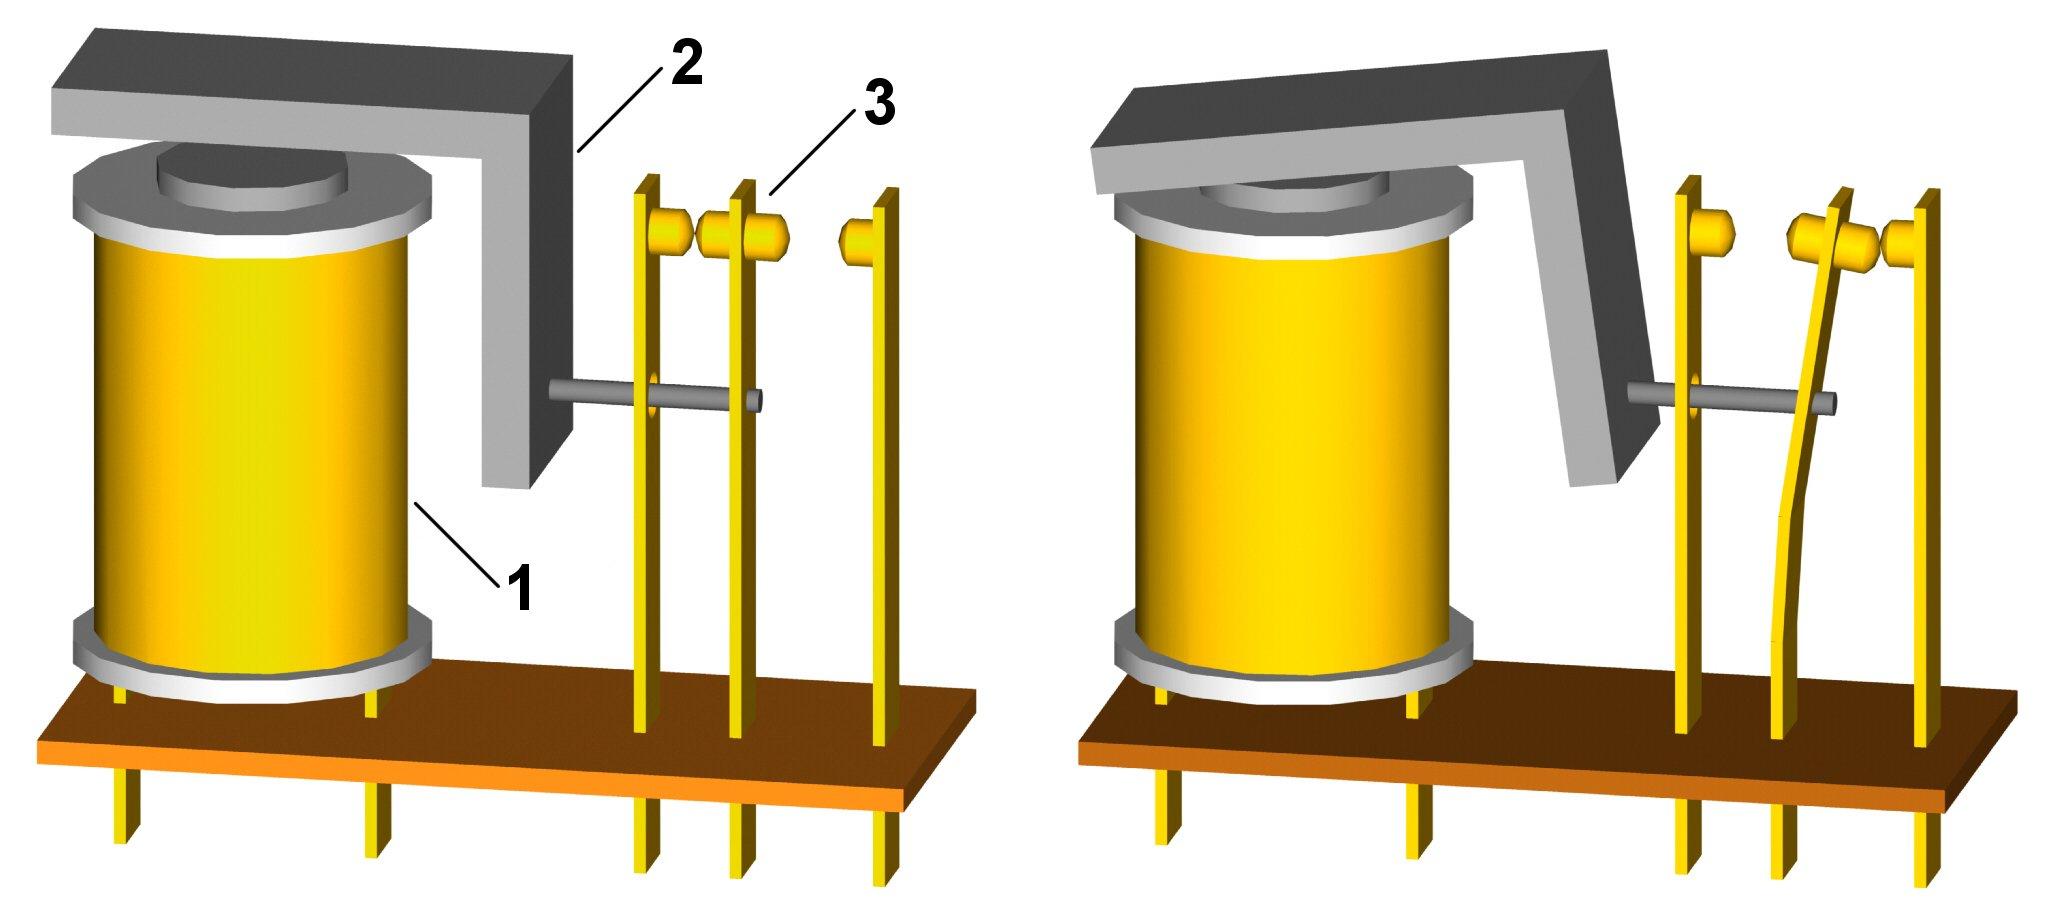 управление освещением импульсным реле схема